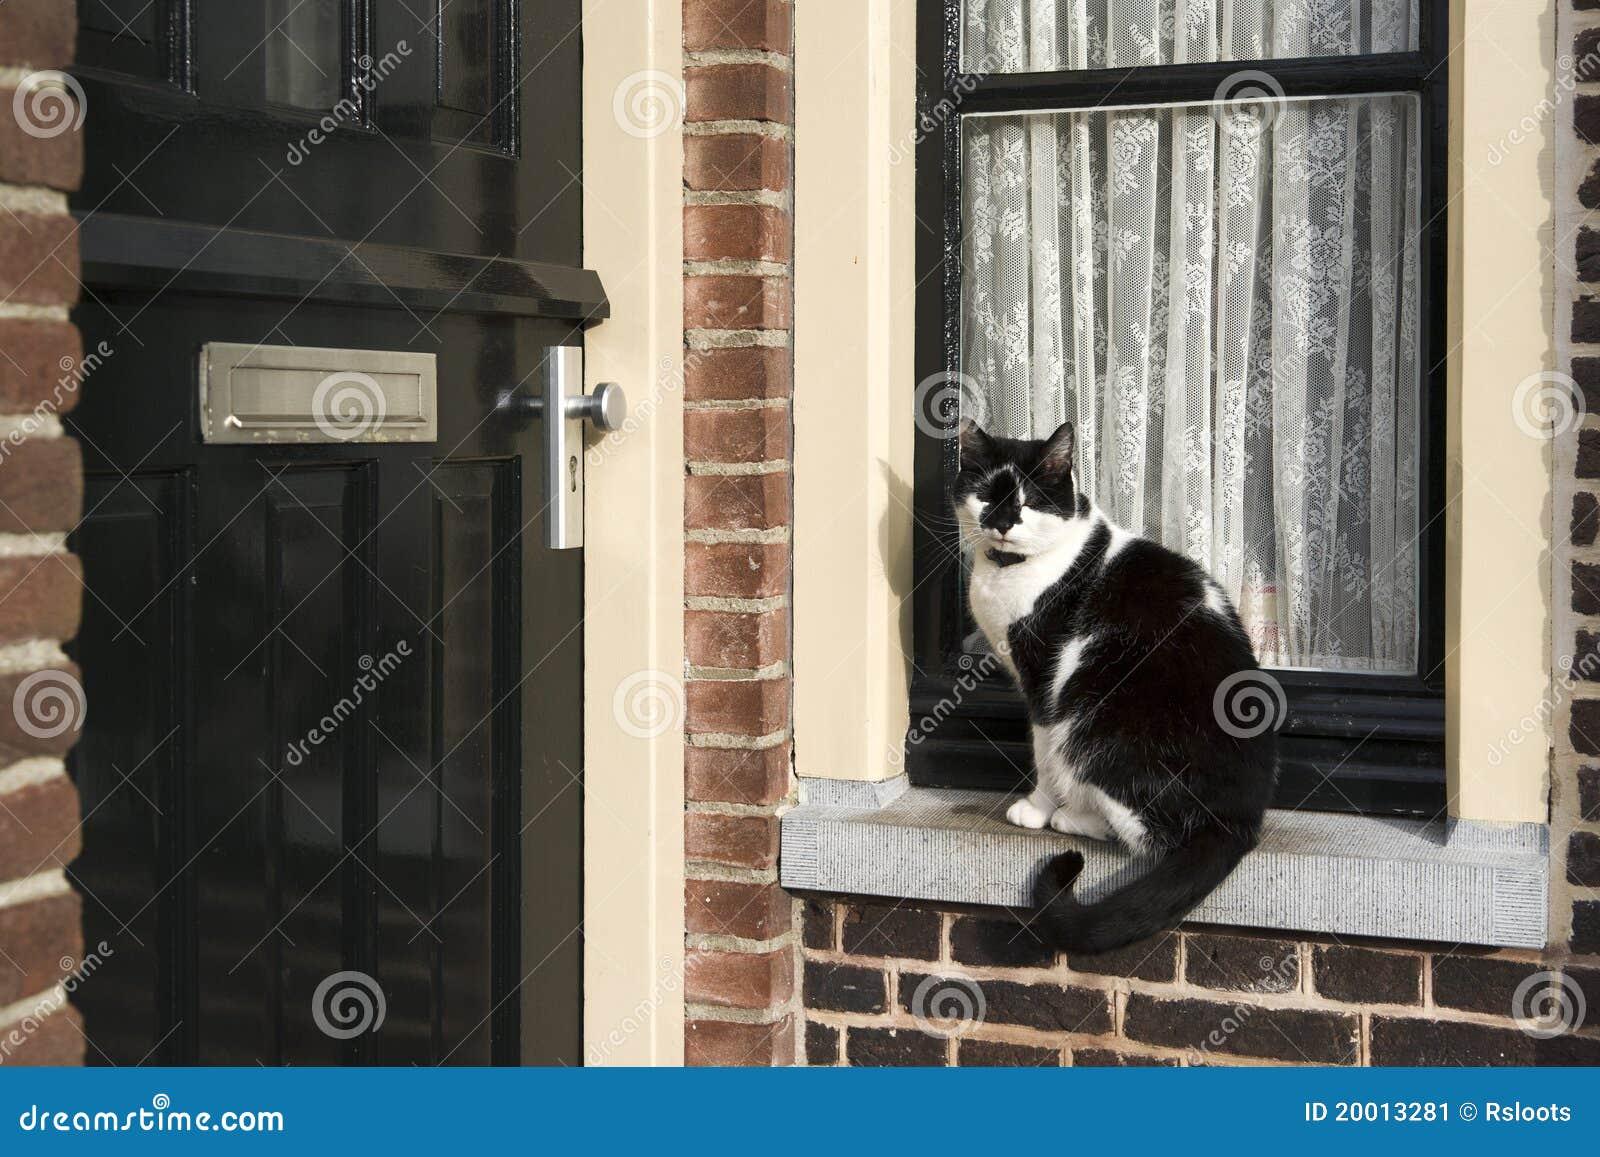 Gatto sul davanzale della finestra immagine stock immagine 20013281 - Davanzale finestra interno ...